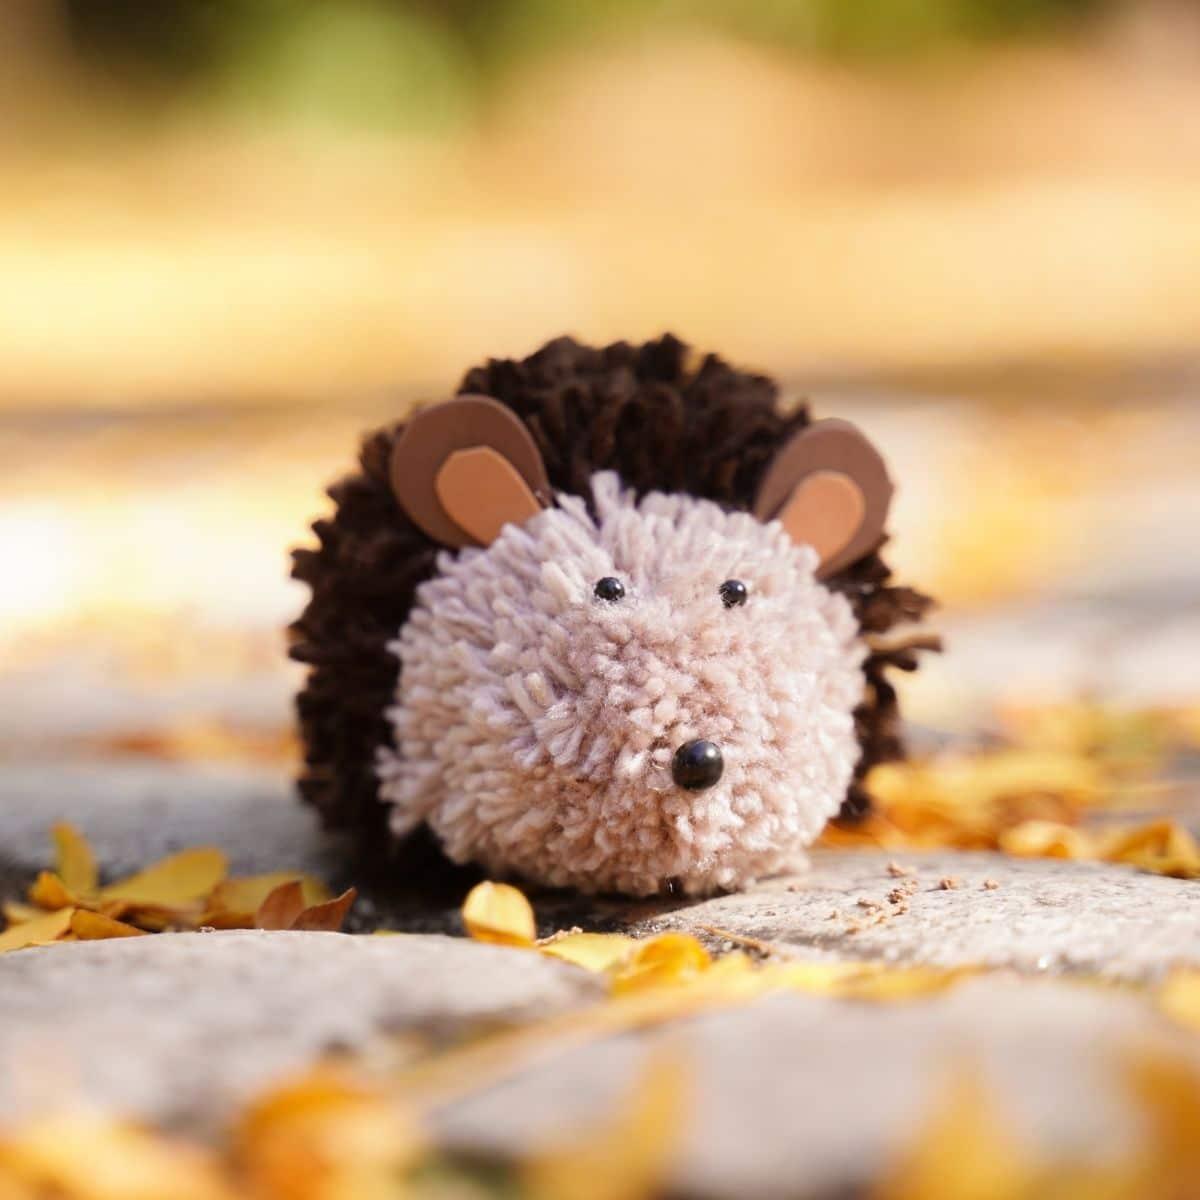 Toy hedgehog sitting on rock